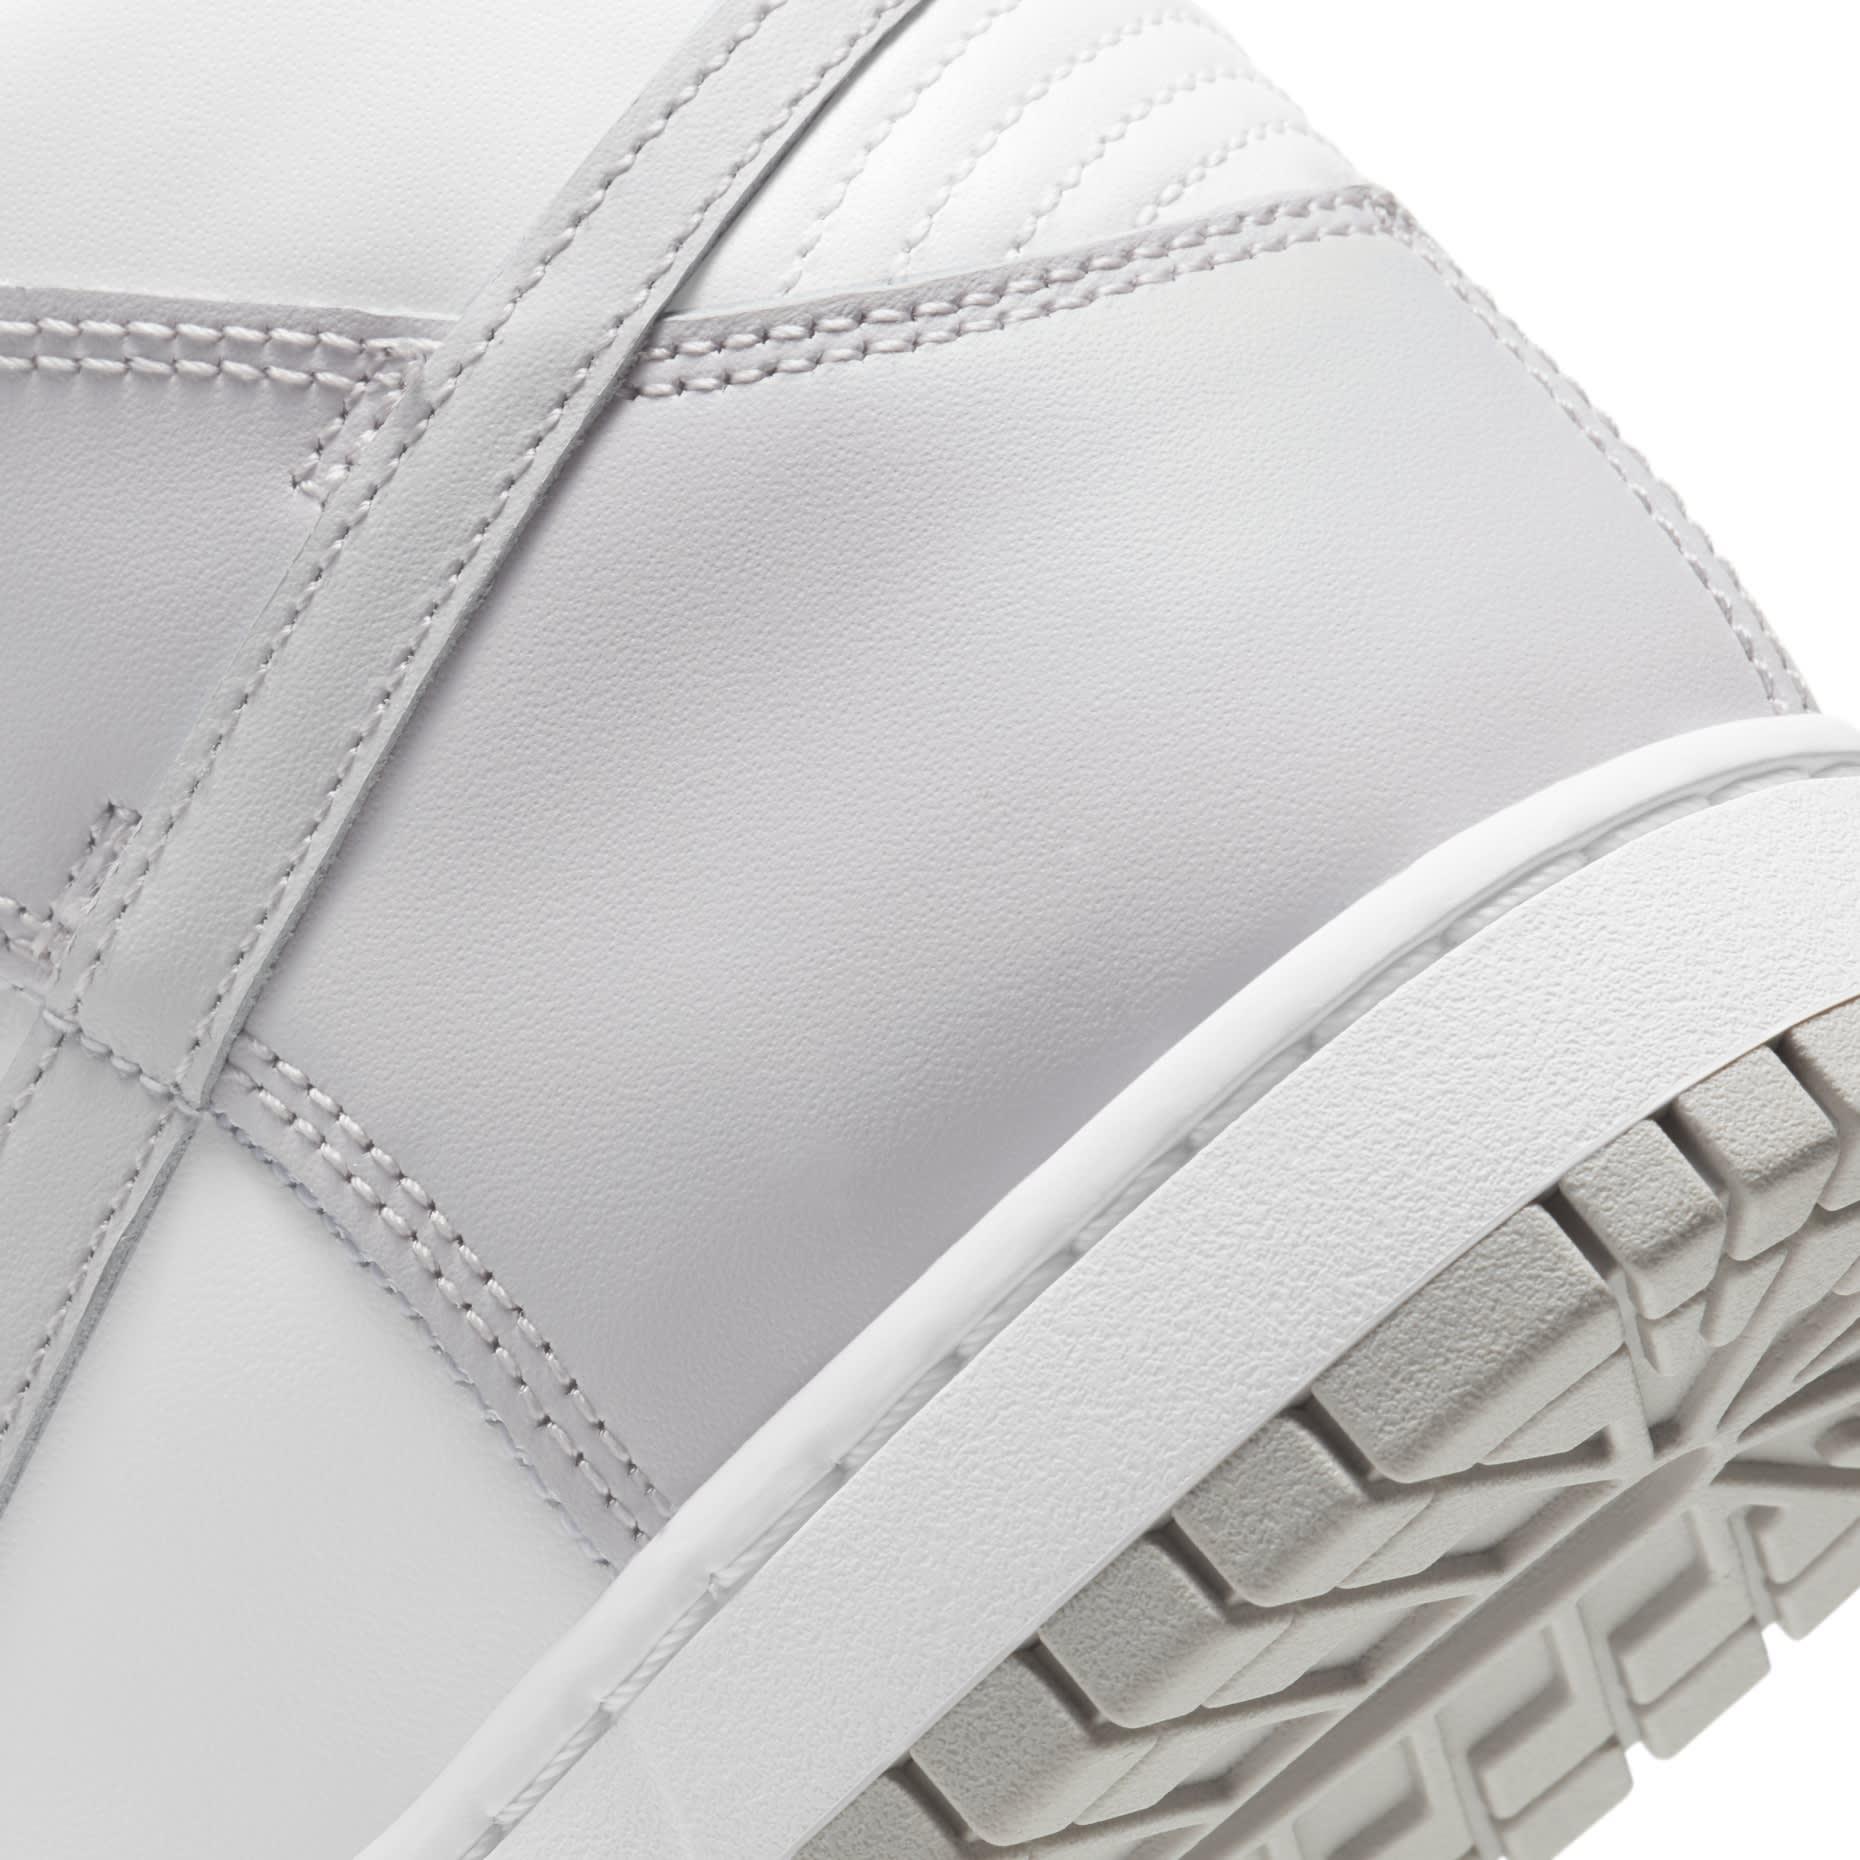 Nike Dunk High 'Vast Grey' DD1399-100 Heel